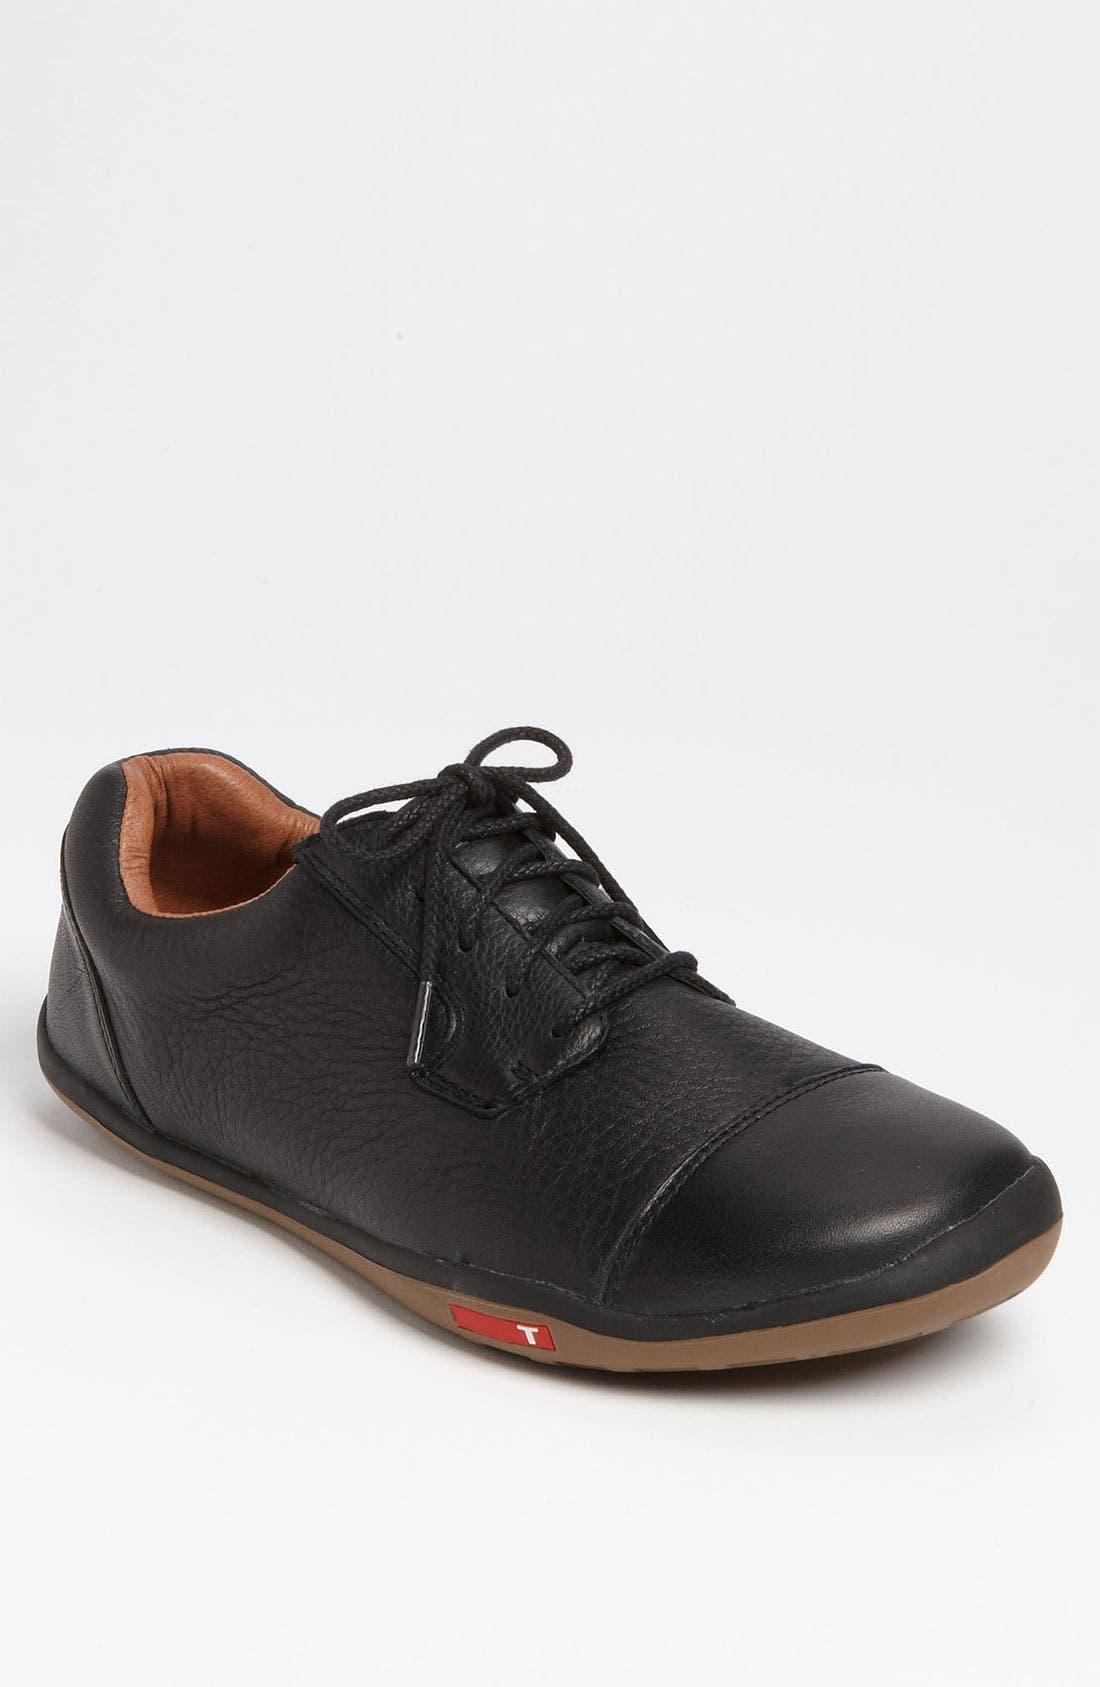 Main Image - TRUE linkswear 'TRUE stealth' Golf Shoe (Men)